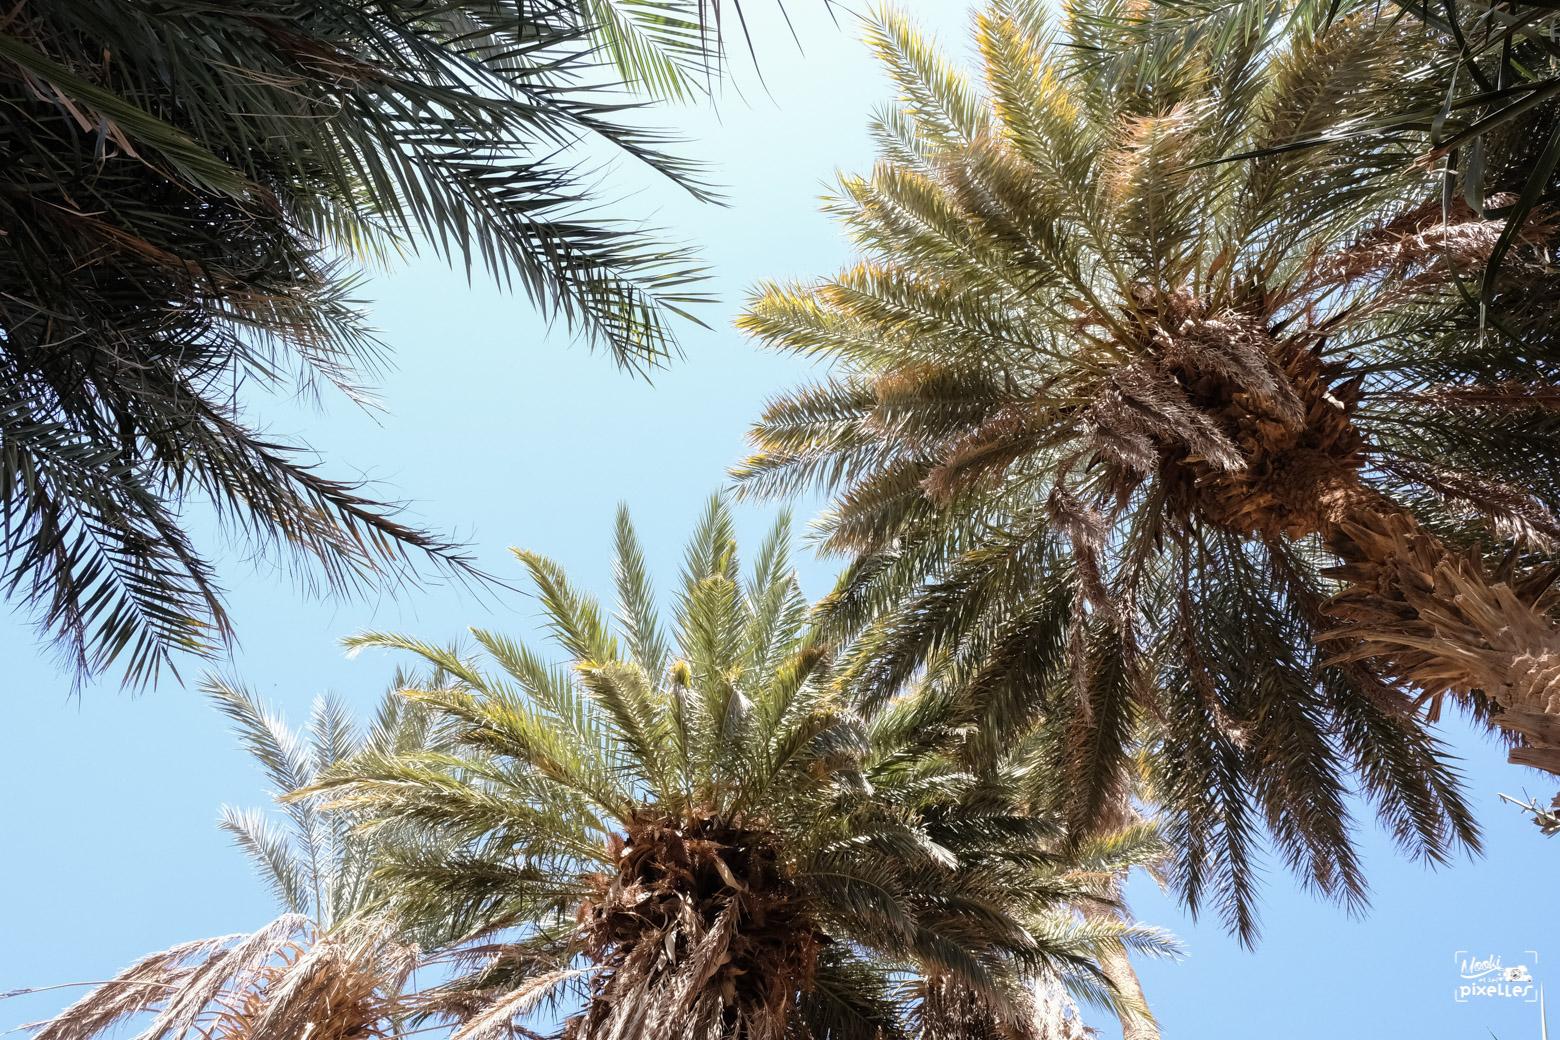 Palmiers au milieu d'une oasis dans le désert